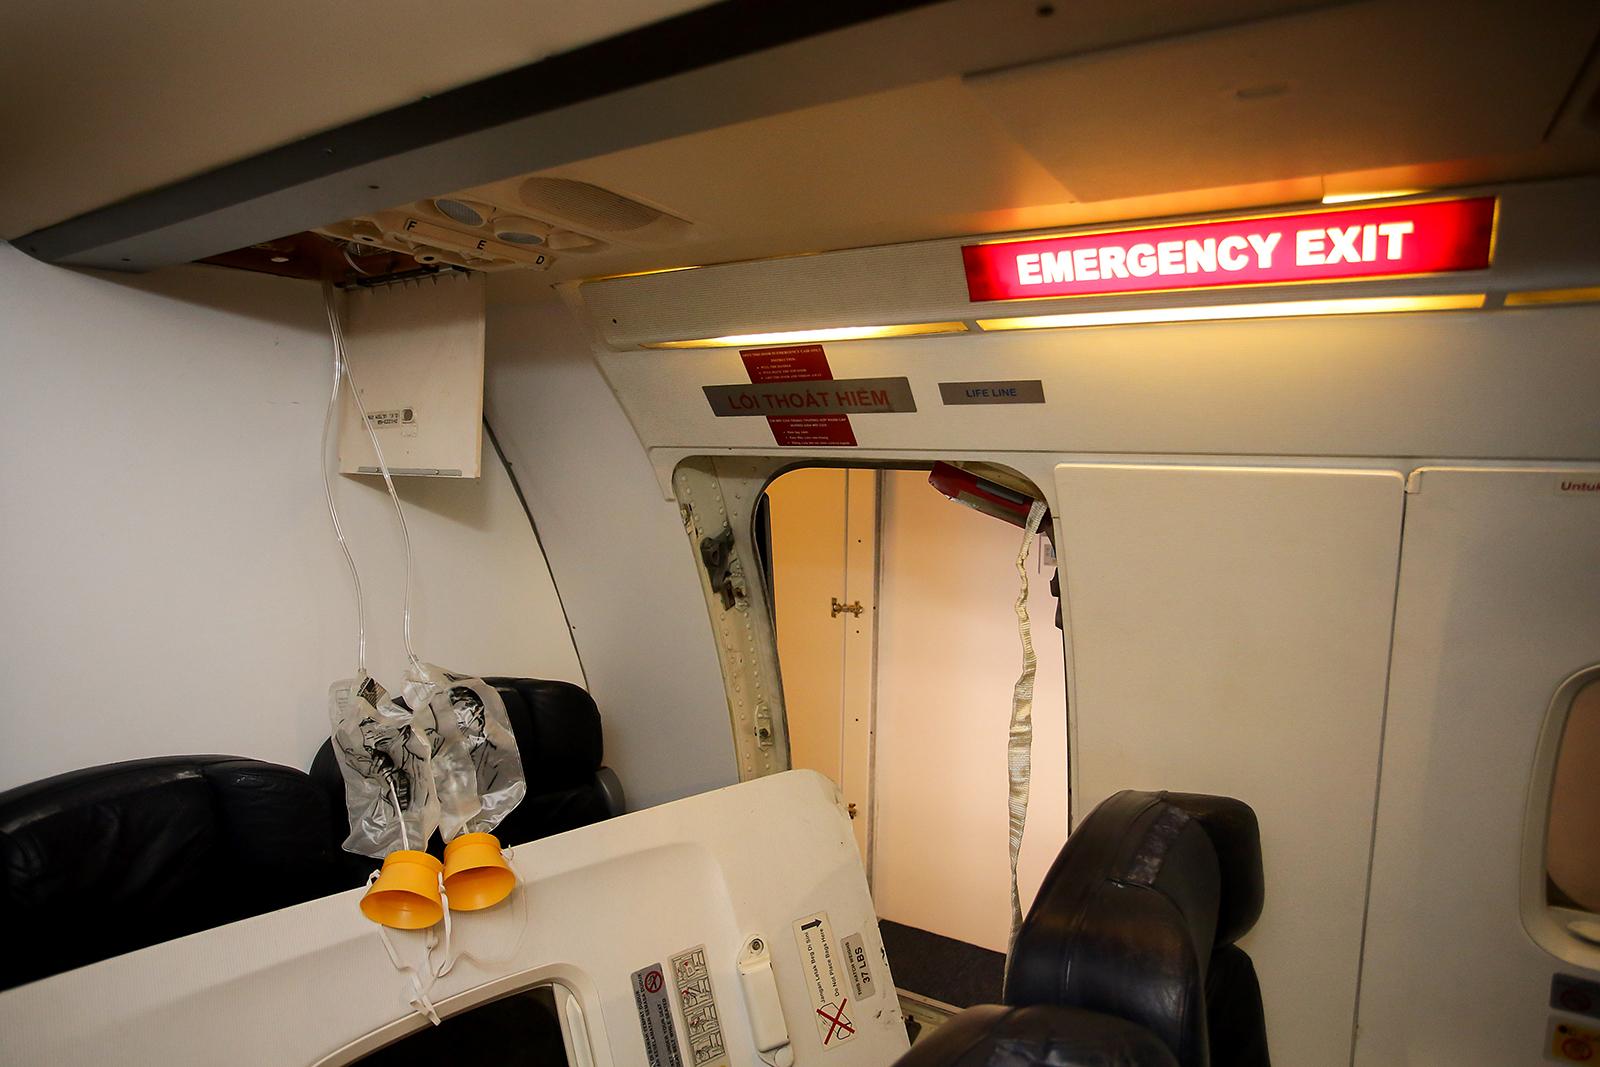 Boeing utastér eredeti elemekből összerakott belsővel és szárny feletti vészkijáratokkal. Aki szeretné, a menekülést is gyakorolhatja. | © AIRportal.hu